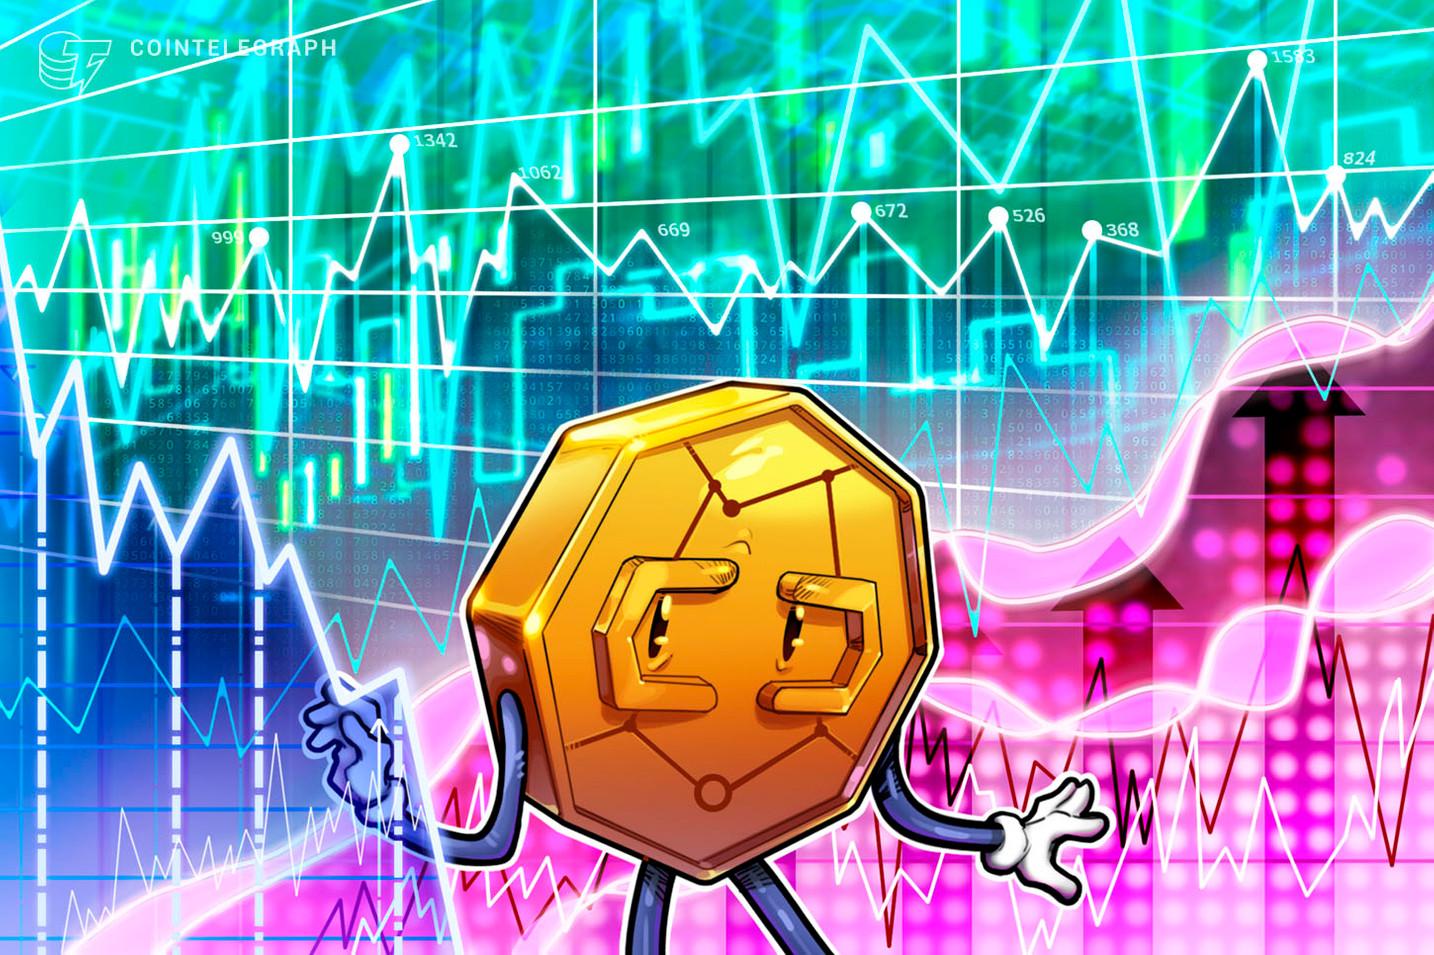 Nach kurzer Erholung rutschen die Kryptomärkte zurück in den roten Bereich